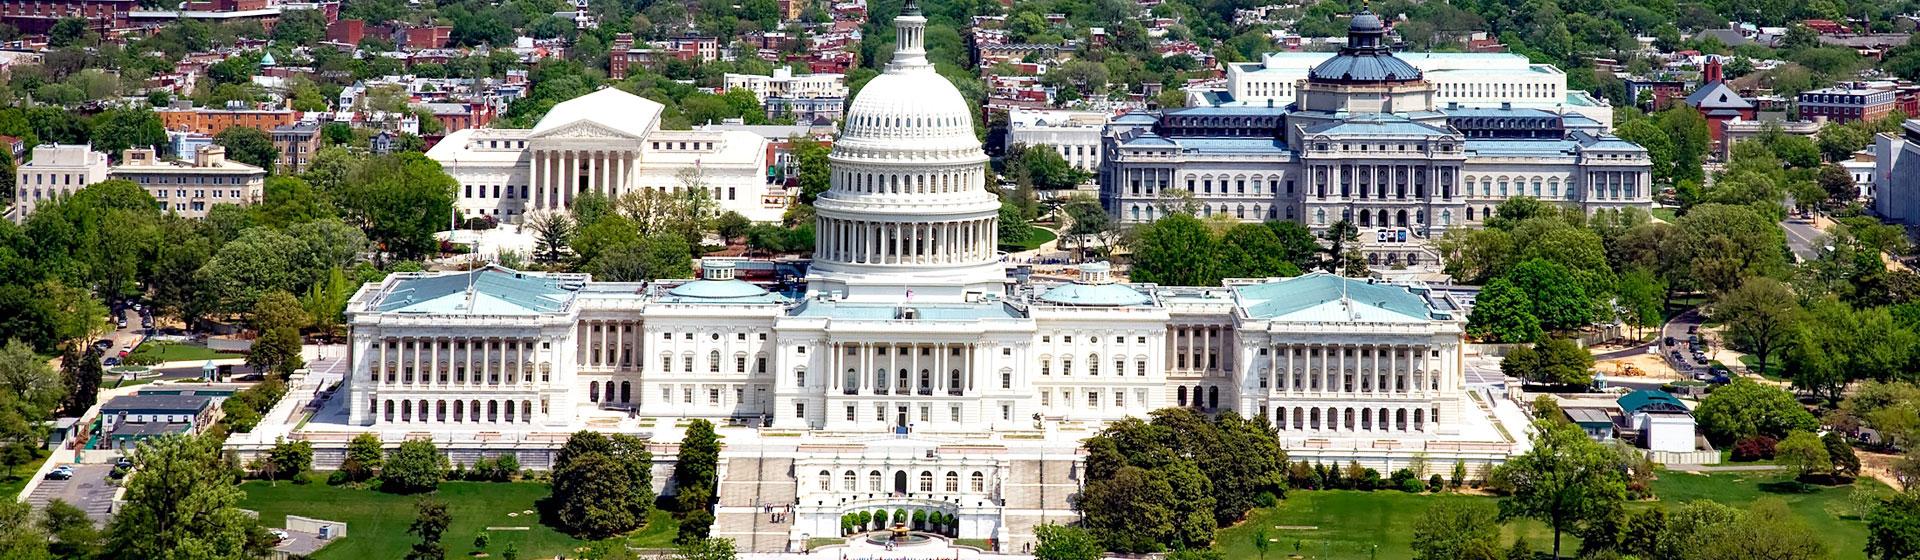 Capitolium i Washington DC.